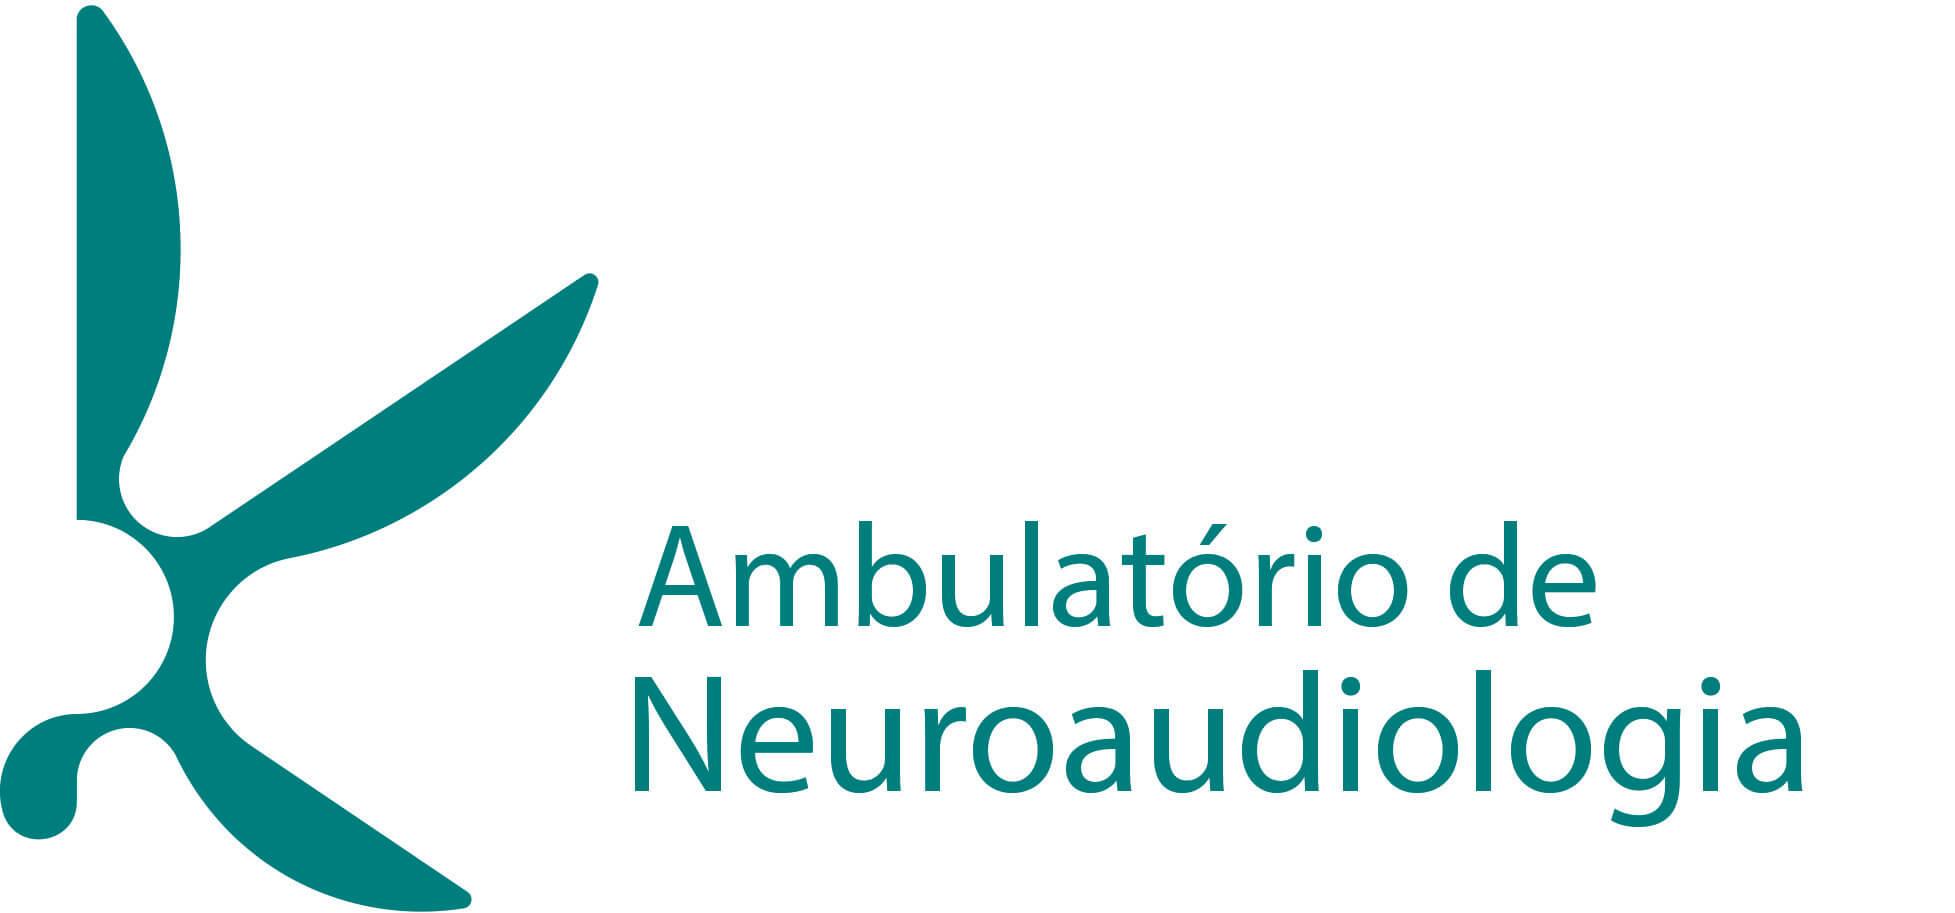 Ambulatório de Neuroaudiologia